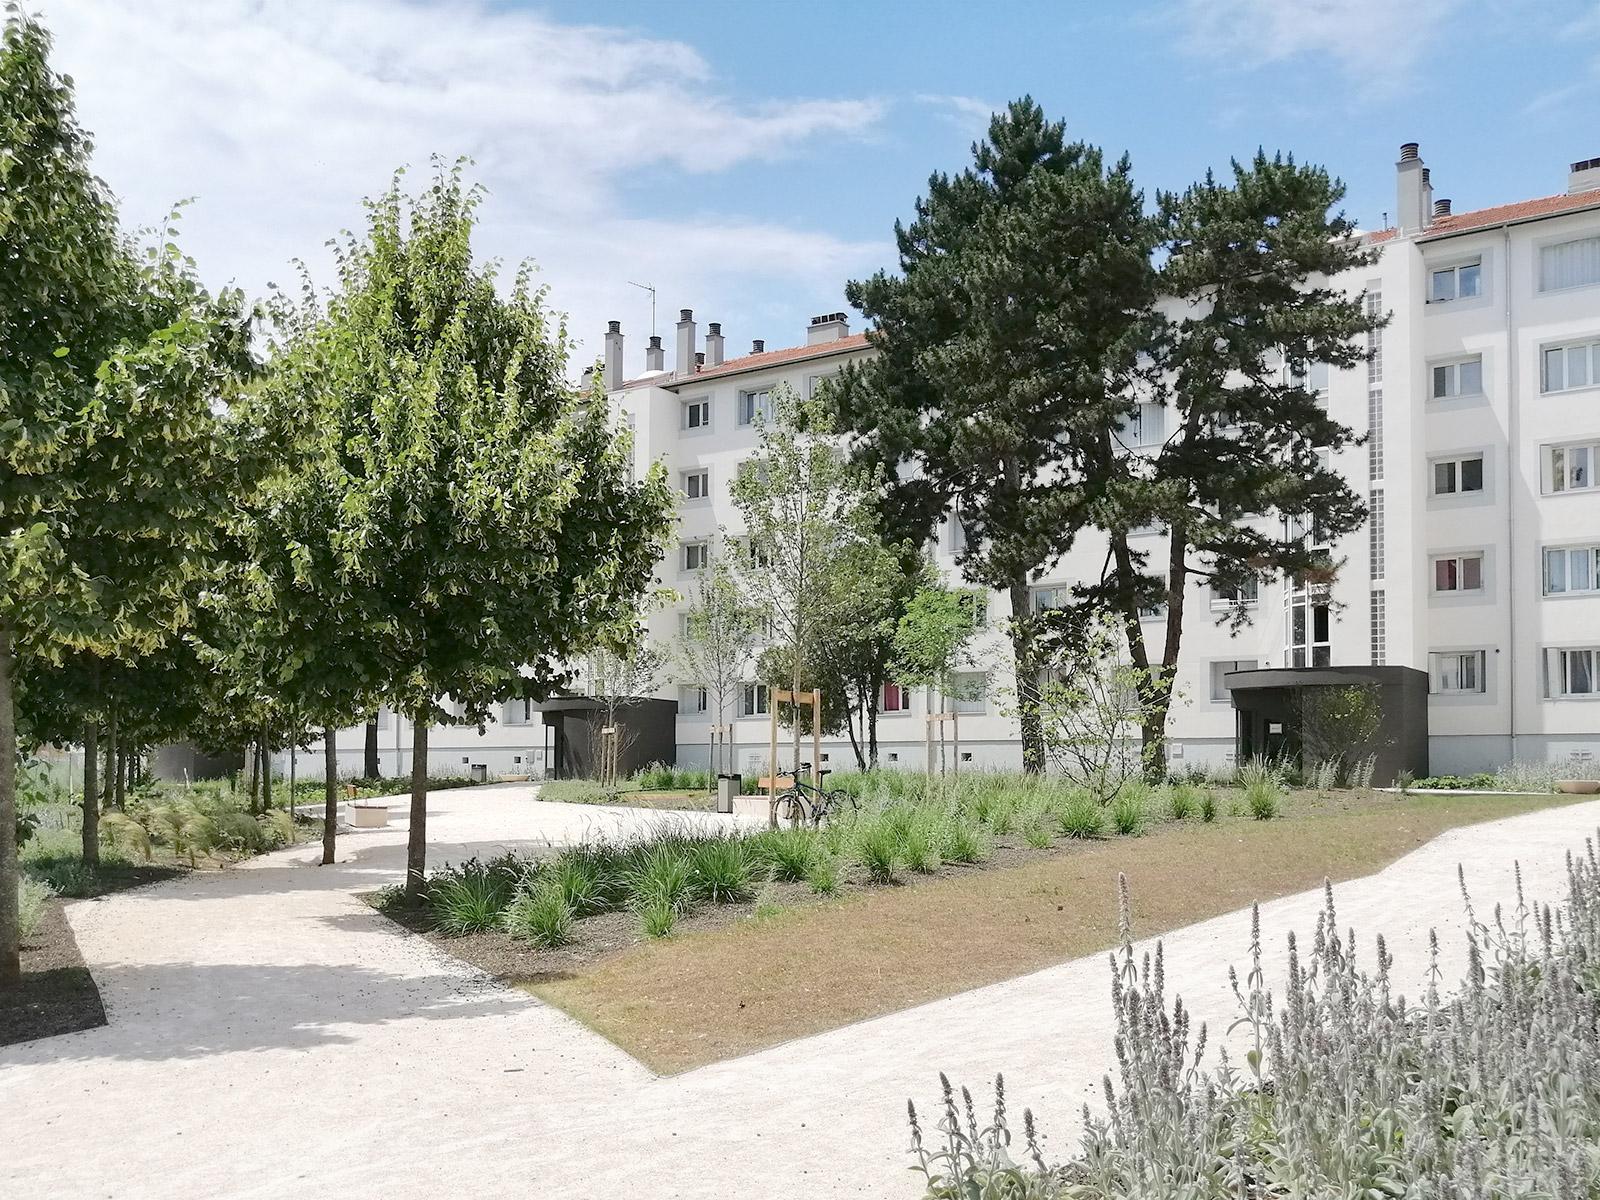 espaces verts logement collectif aménagements extérieurs urbain